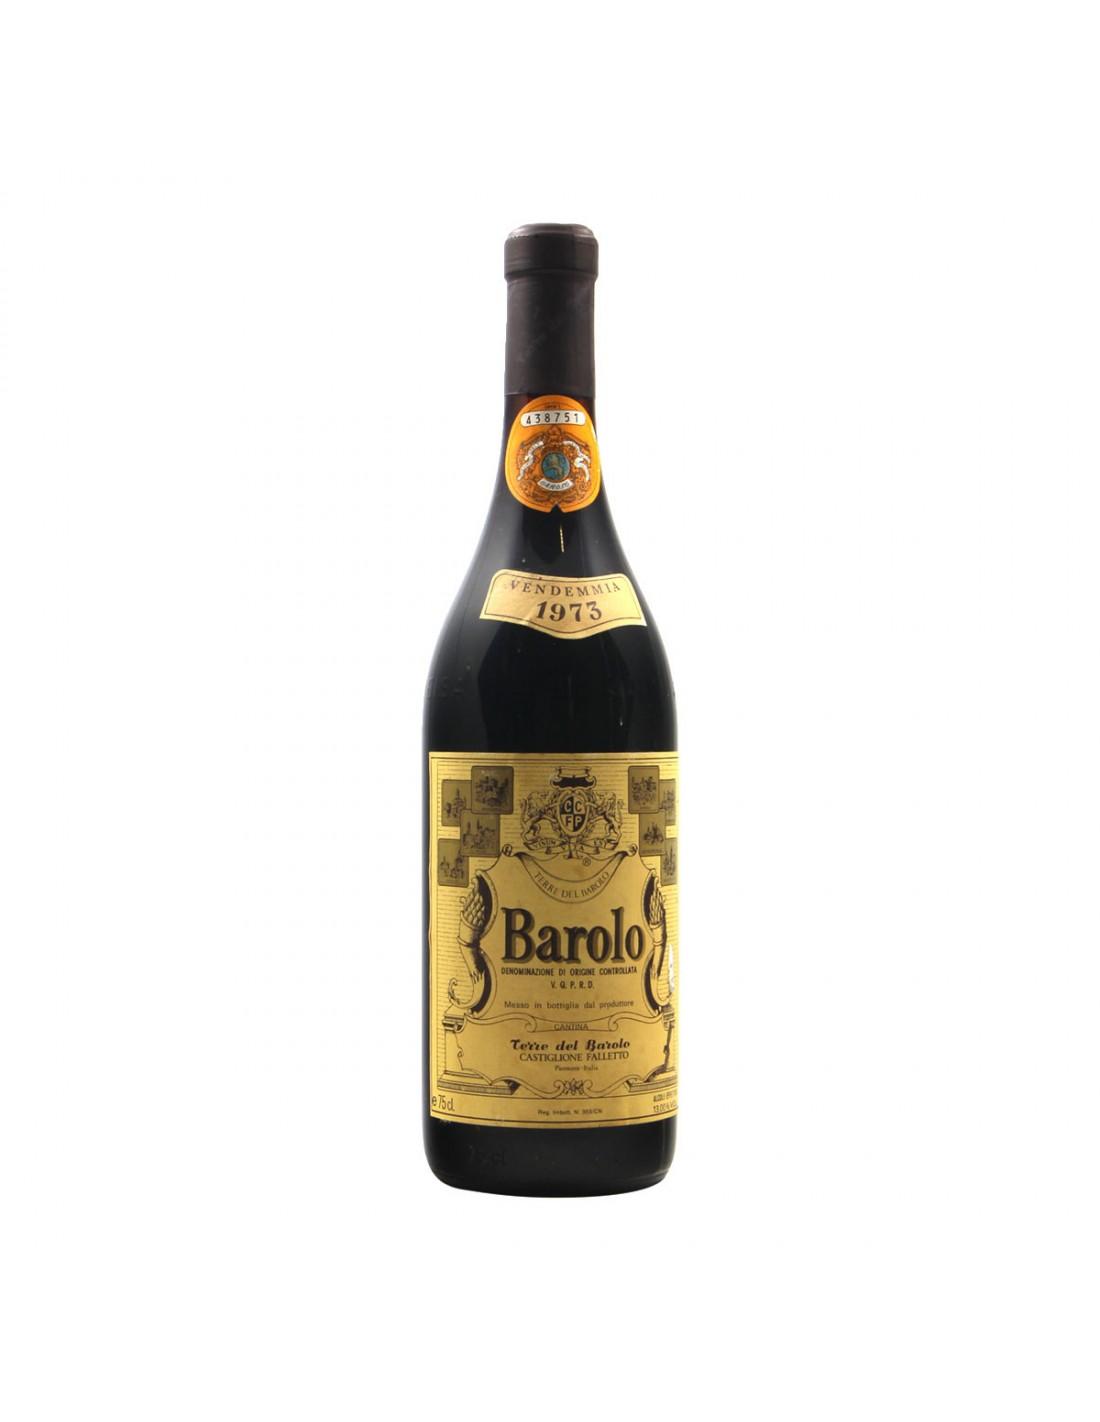 BAROLO 1973 TERRE DEL BAROLO Grandi Bottiglie